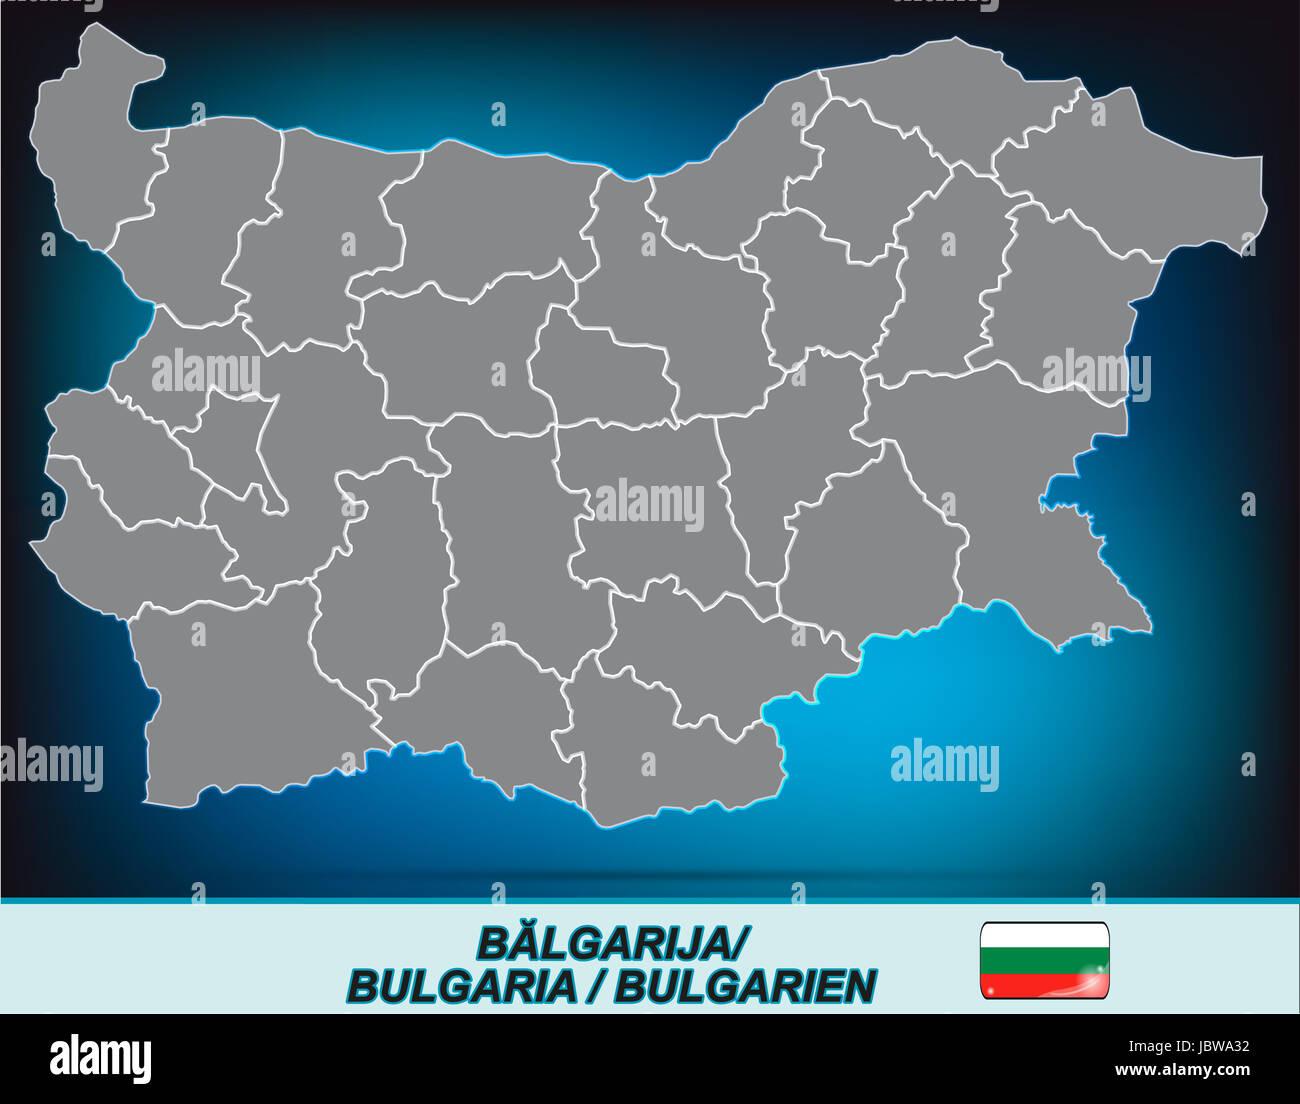 Karte Bulgarien.Karte Von Bulgarien Mit Grenzen In Leuchtend Grau Stock